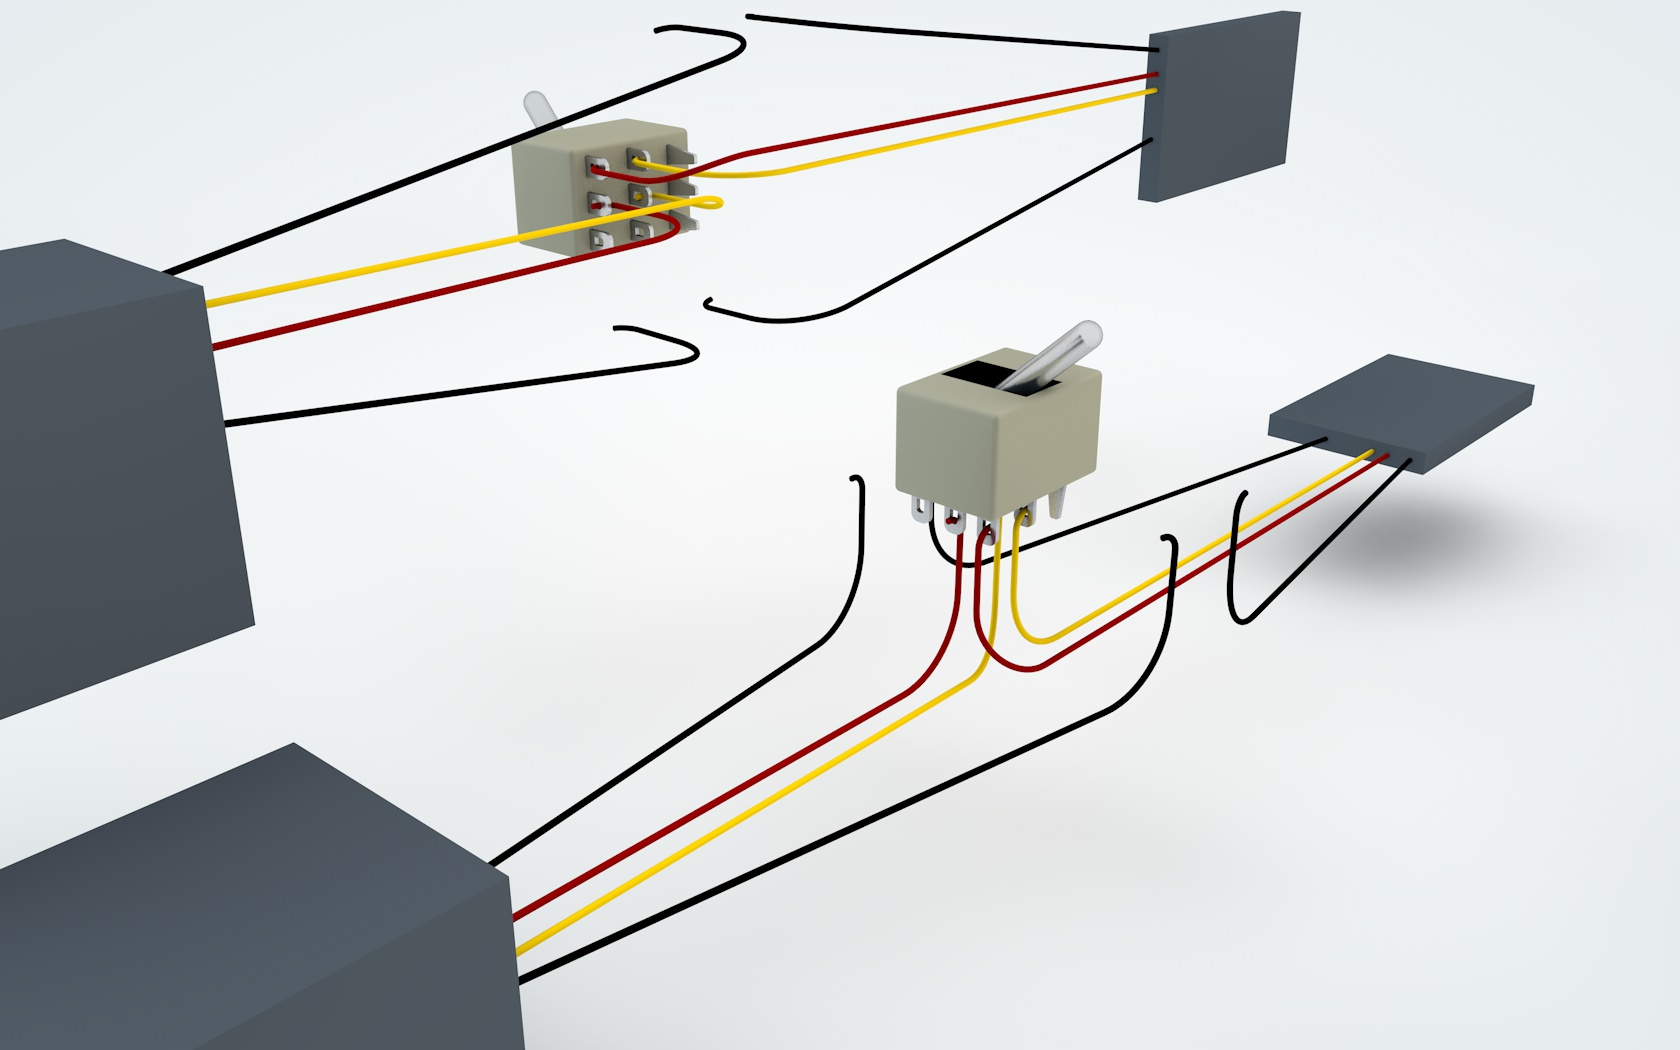 Projekt Led Kippschalter an festplatte - ComputerBase Forum